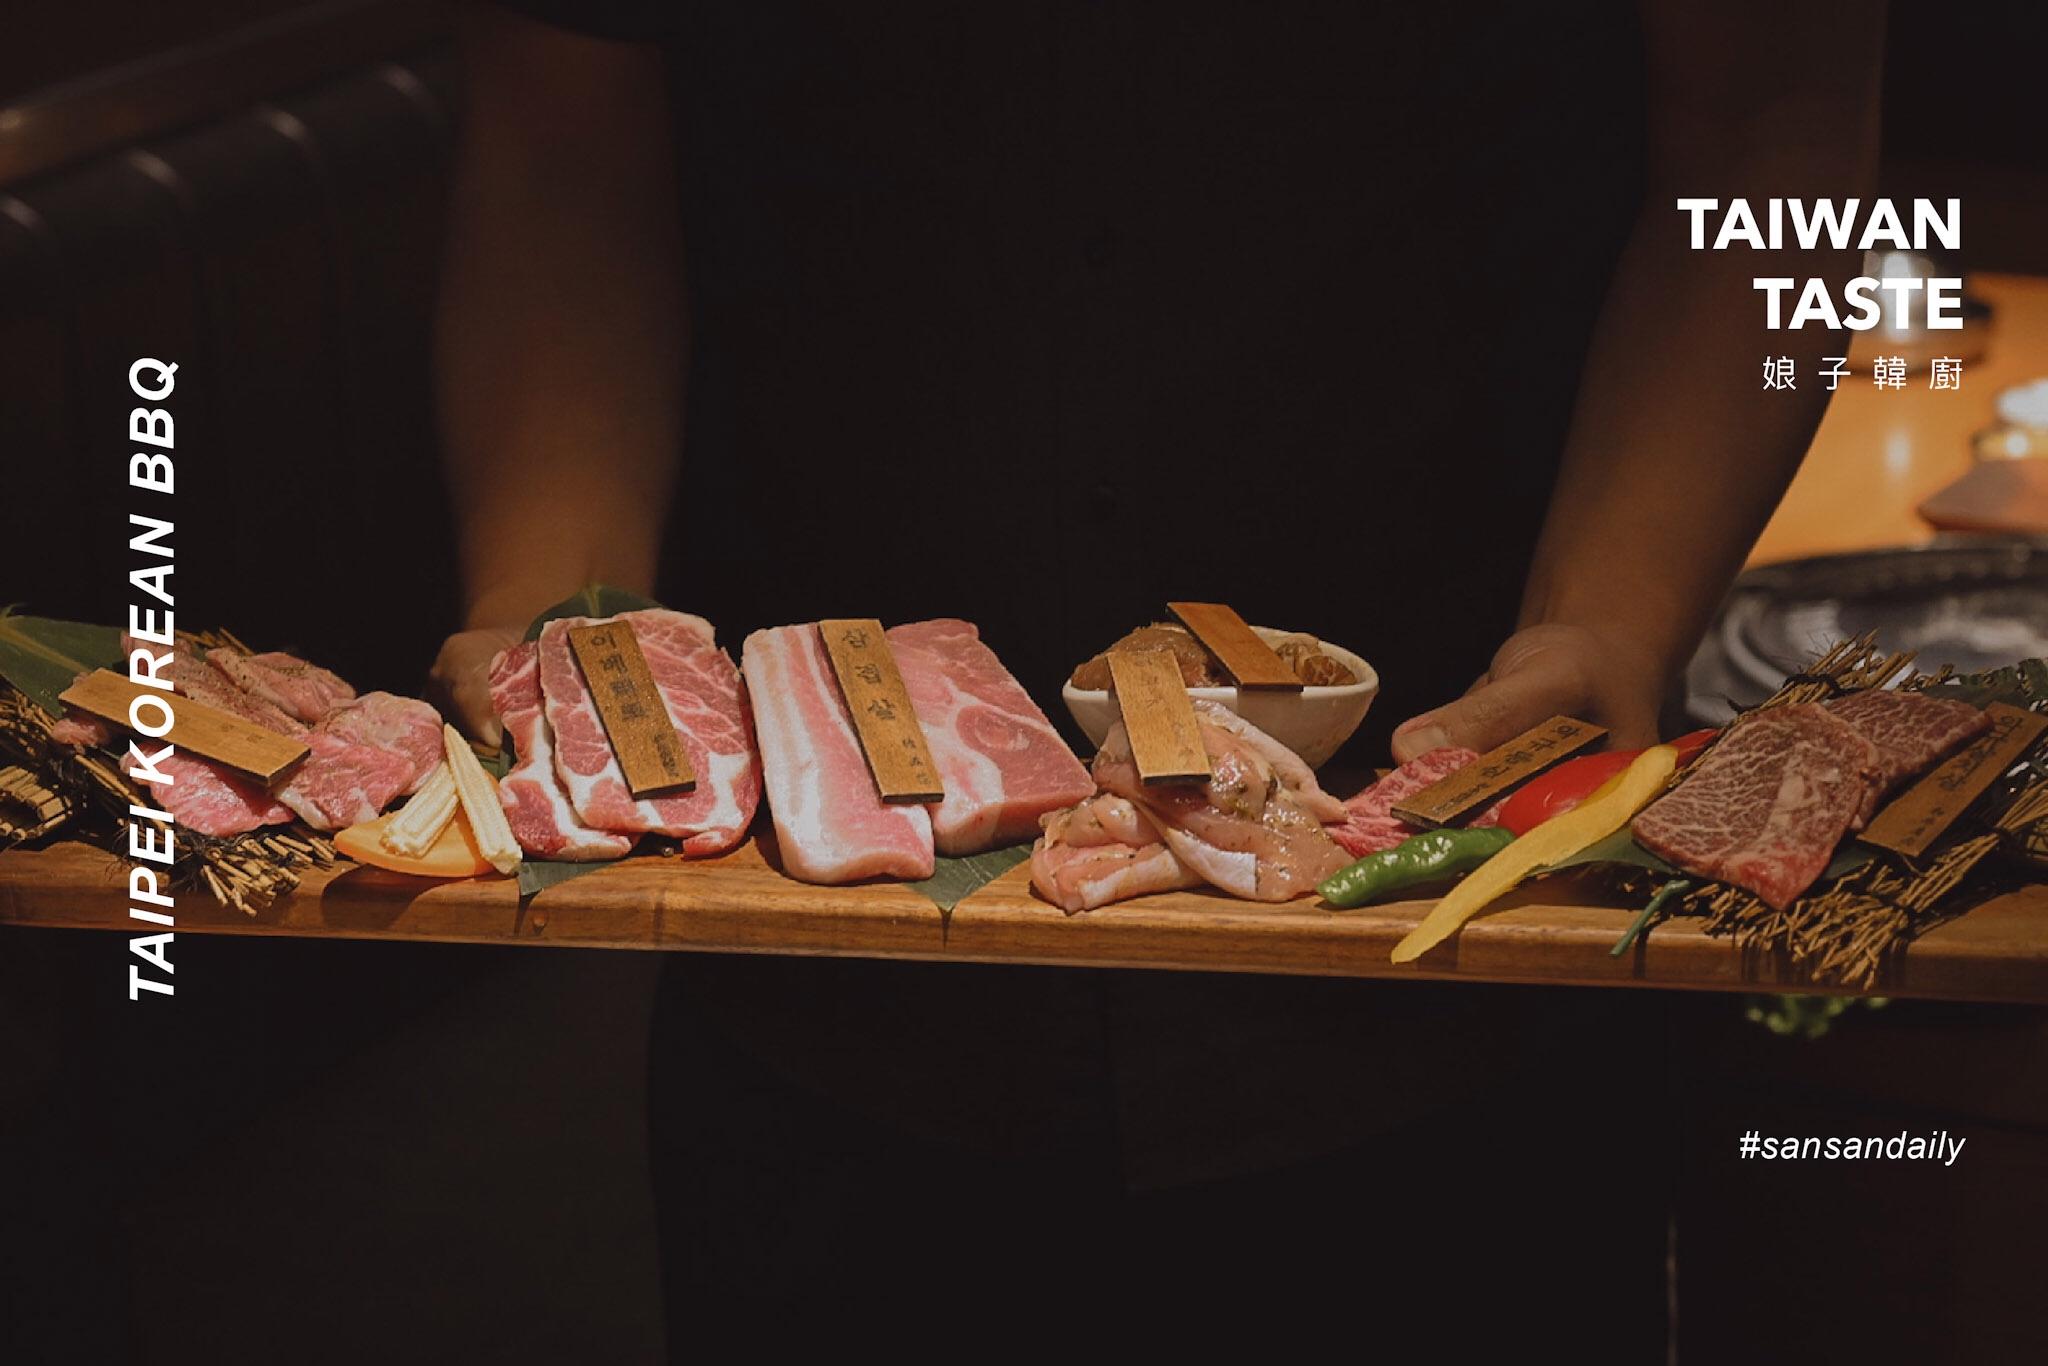 台北韓式燒肉【娘子韓食】東區美食聚餐推薦 IG人氣韓式雪花烤腸|sansan吃台北